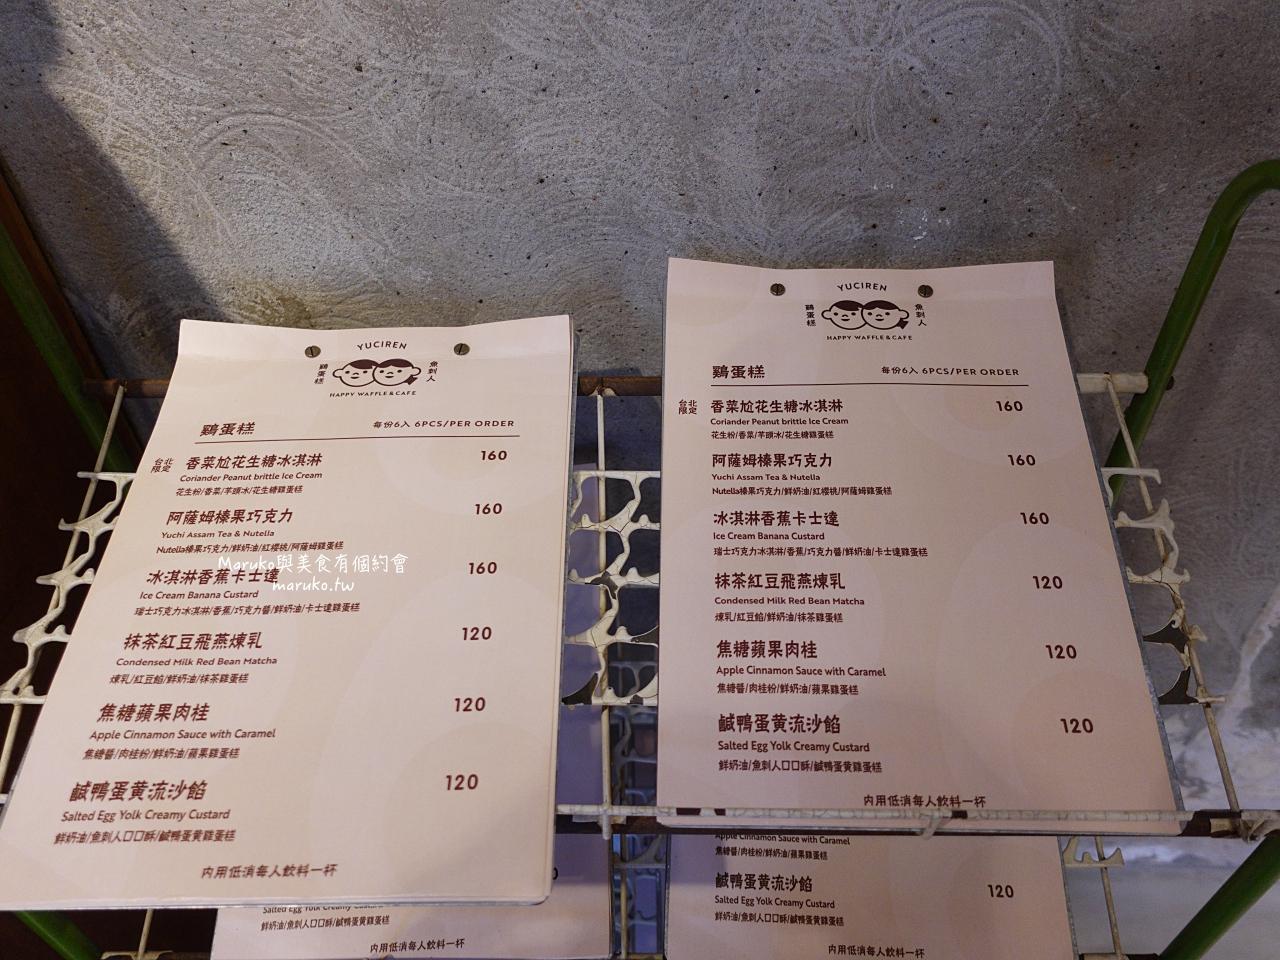 【台北】魚刺人雞蛋糕 不限時老宅 爆漿卡士達雞蛋糕 捷運古亭站 @Maruko與美食有個約會